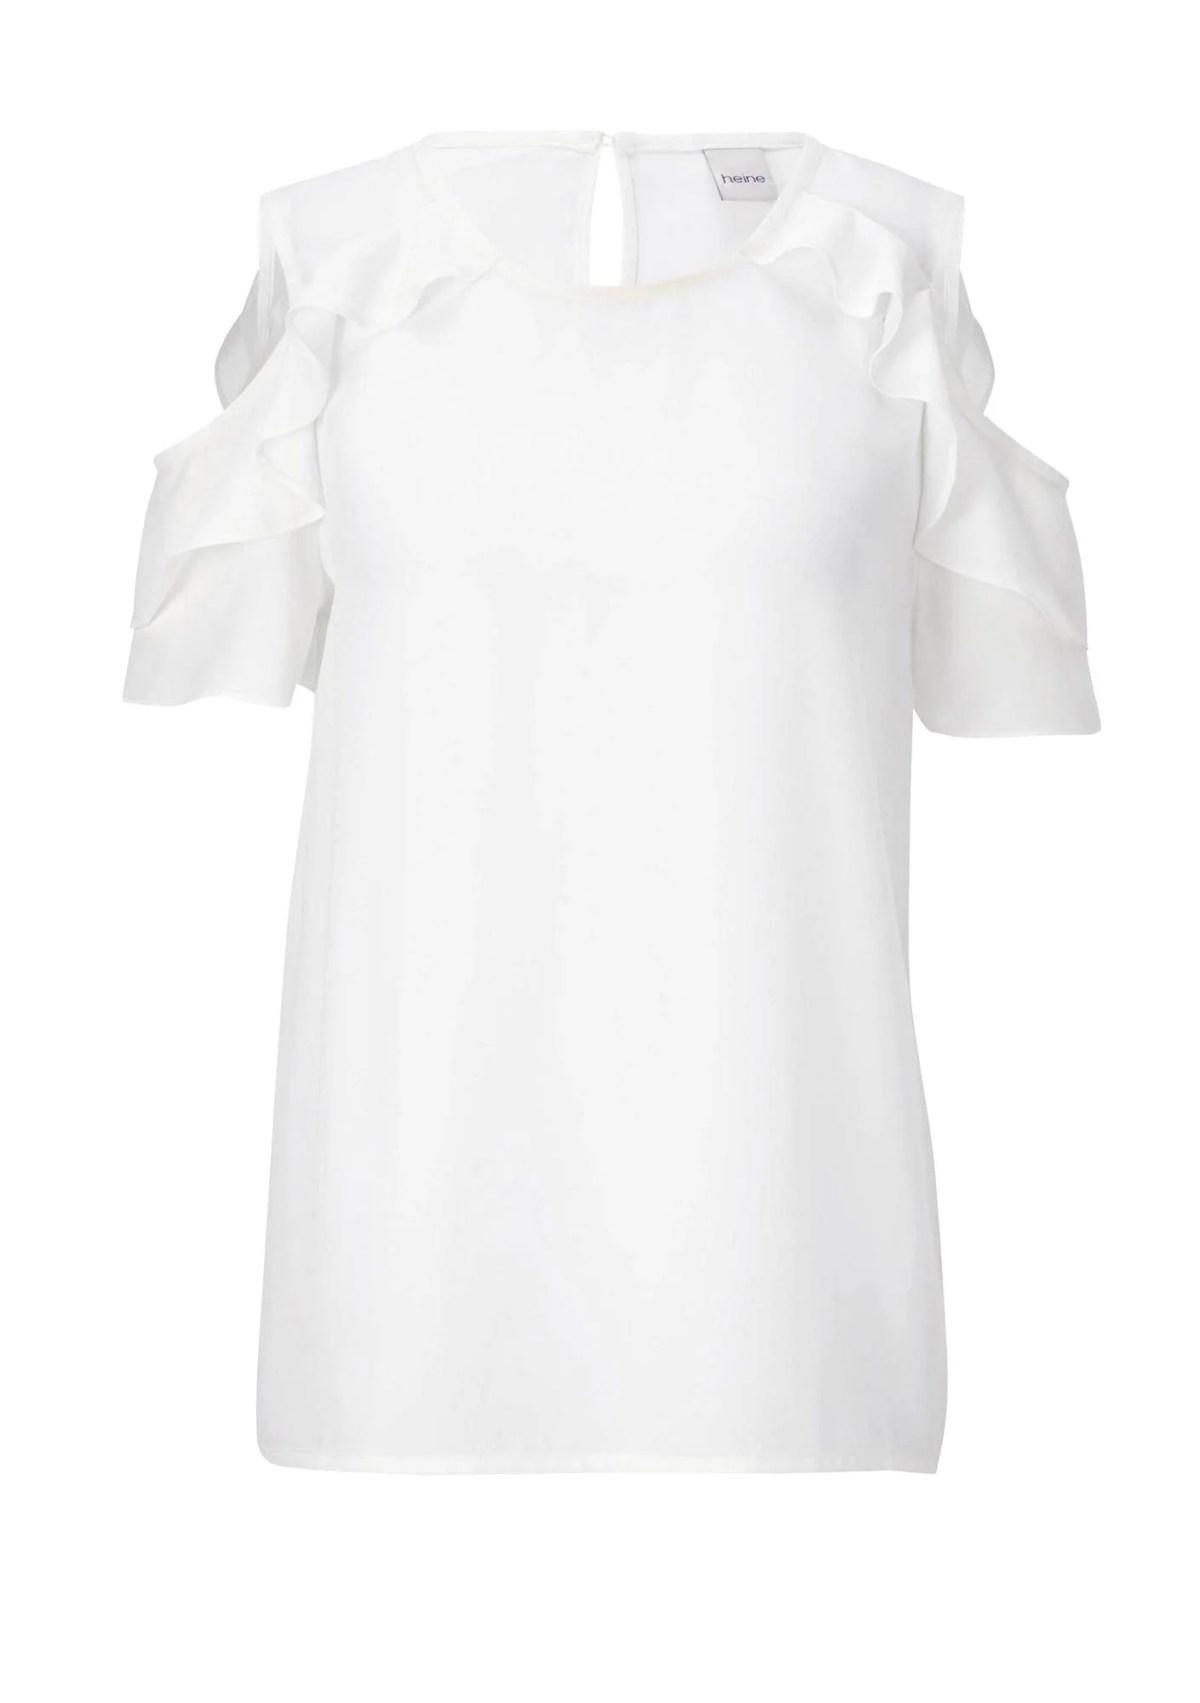 t shirts ohne ärmel Damenbluse, weiß von Heine 535.595 Missforty